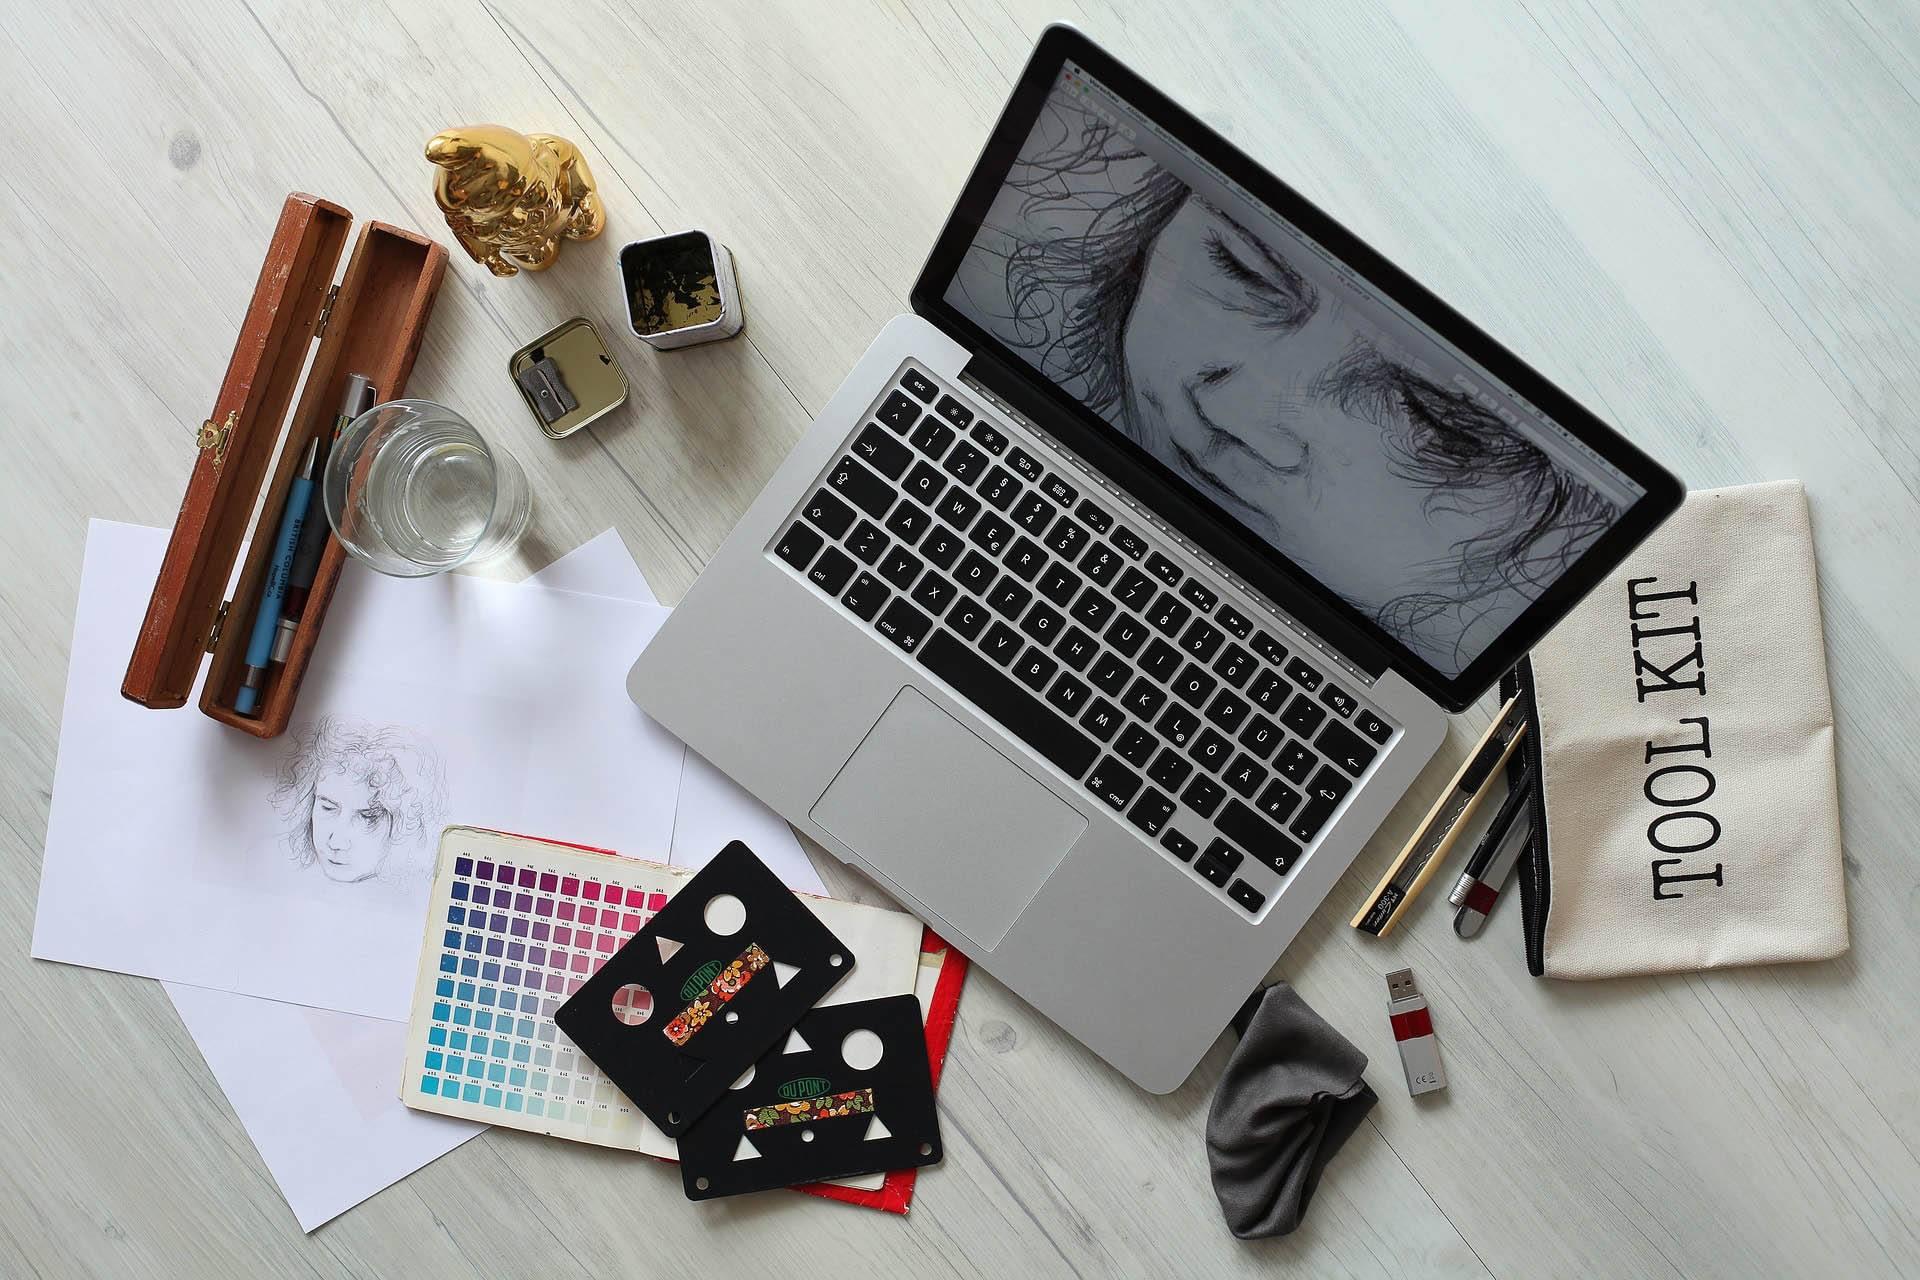 Programas De Diseño Gráfico Y diseño Web Gratis